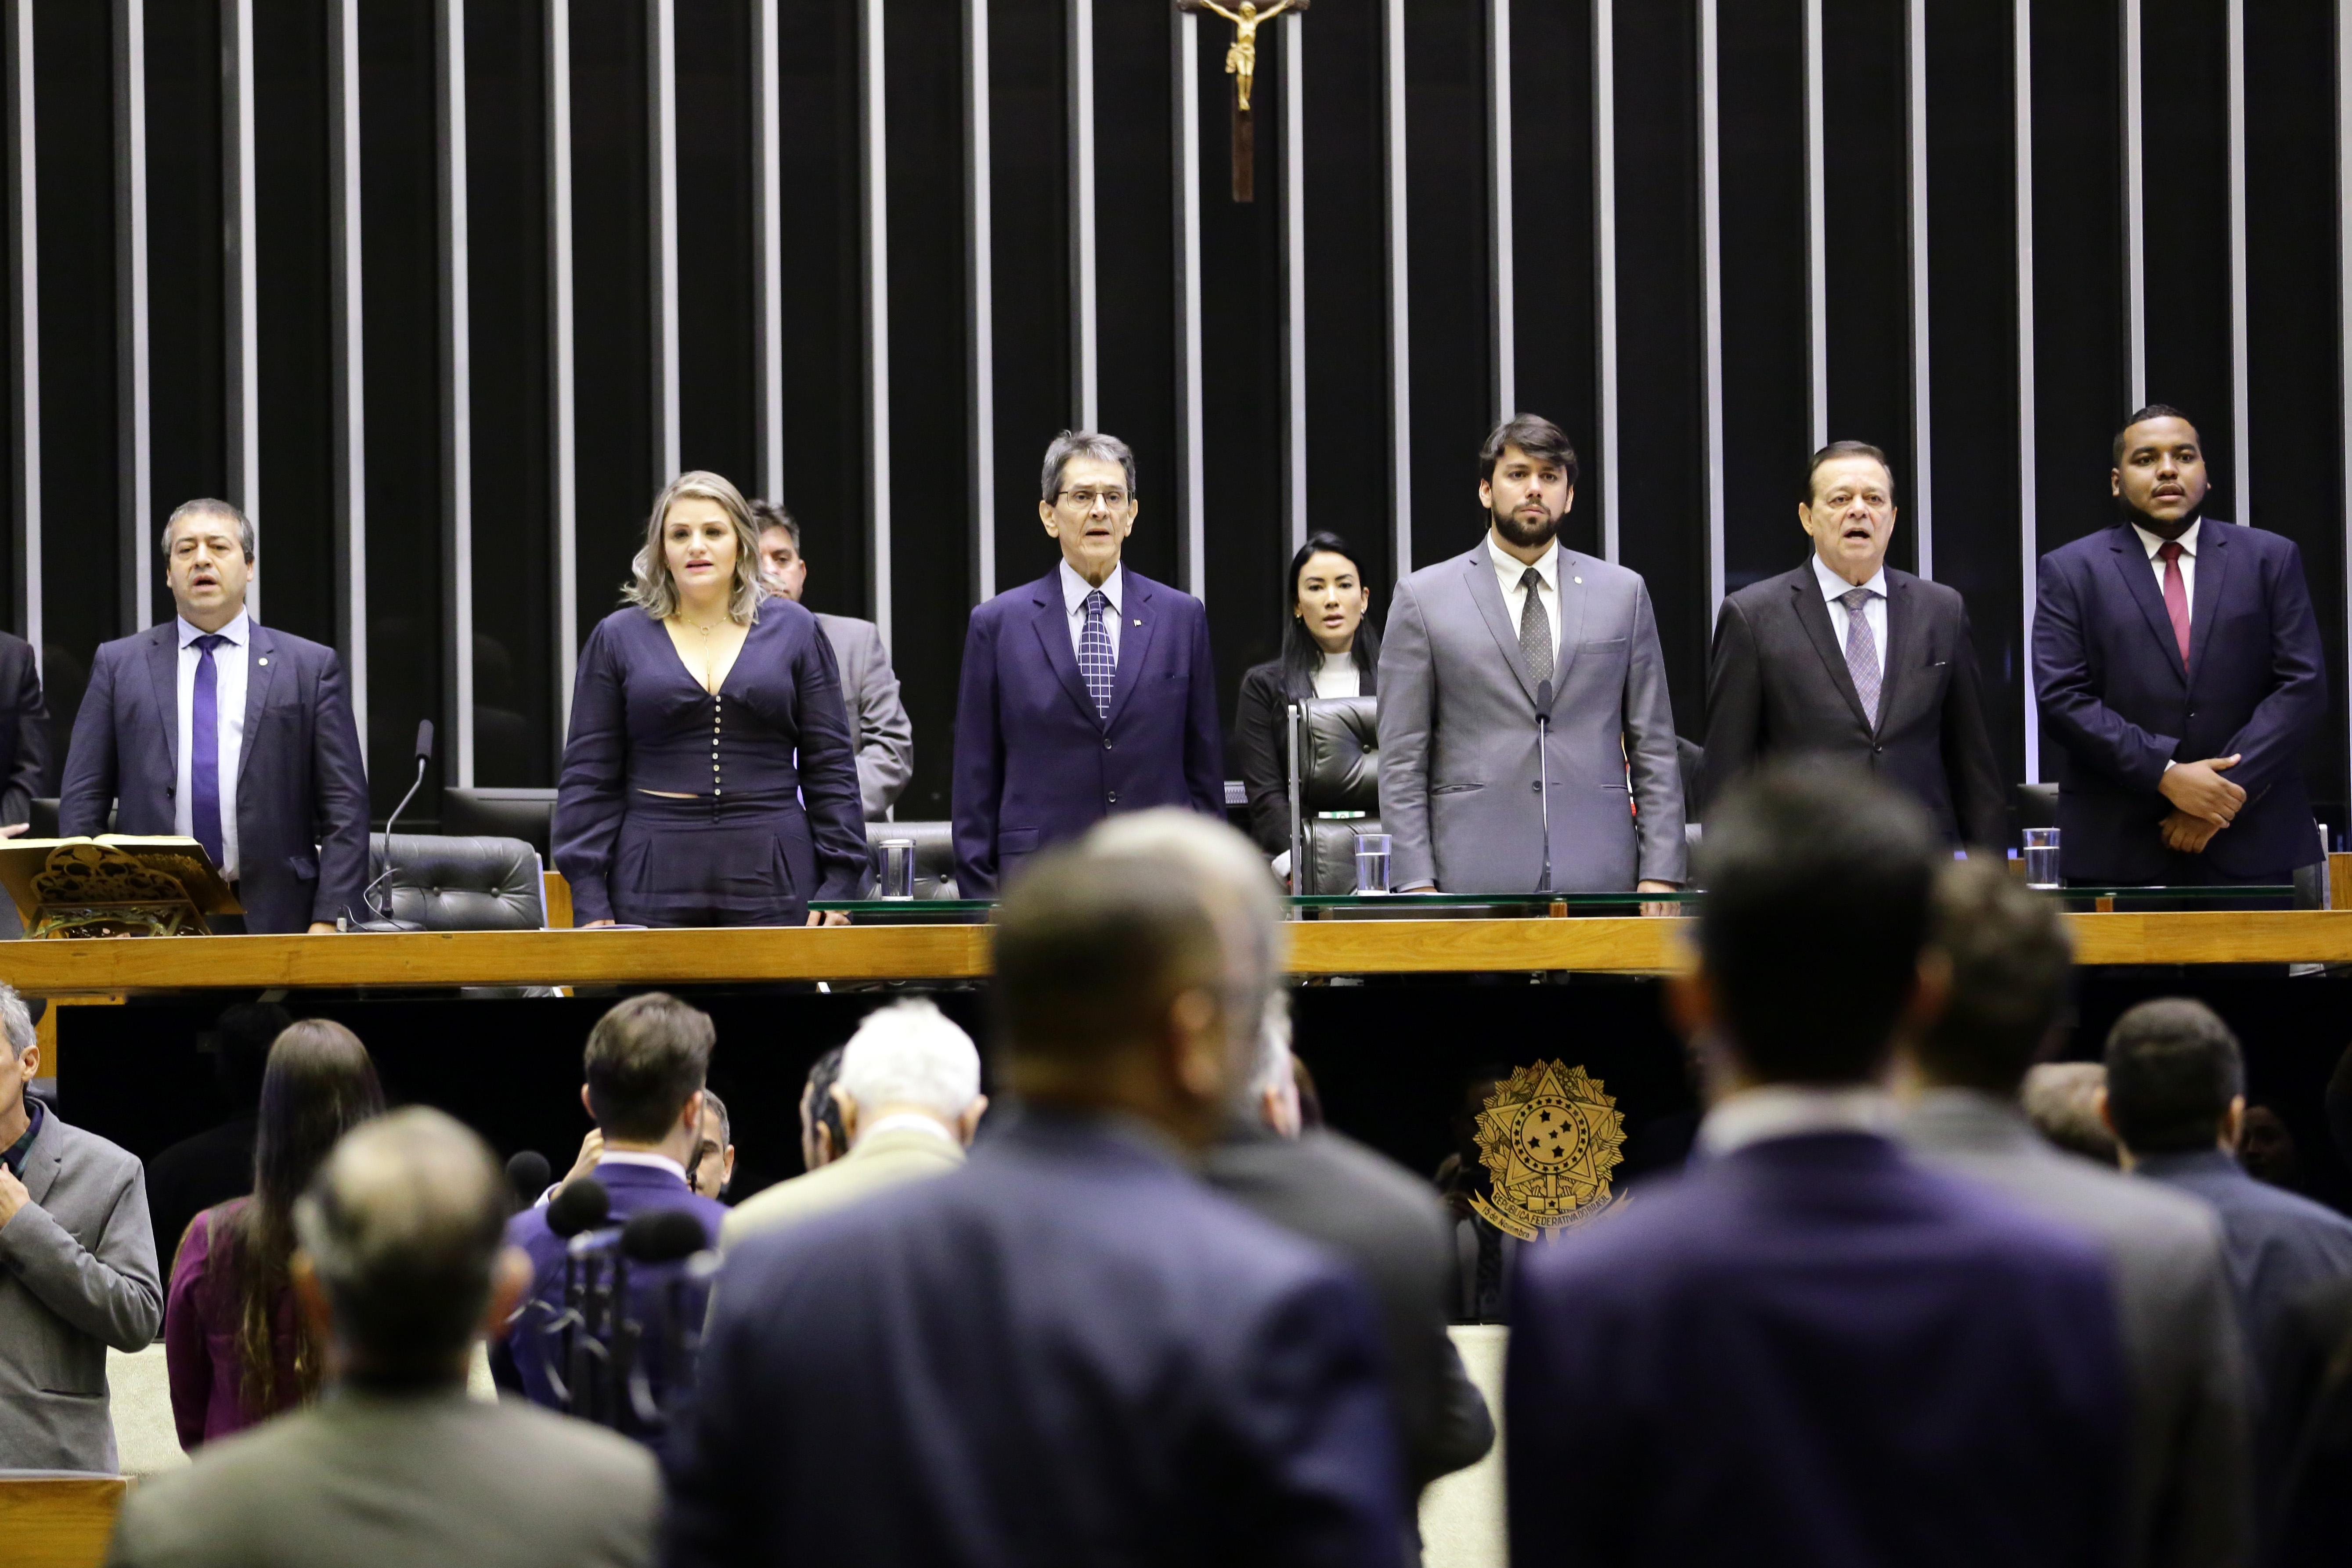 Sessão Solene em homenagem aos 74 Anos de Criação do Partido Trabalhista Brasileiro - PTB